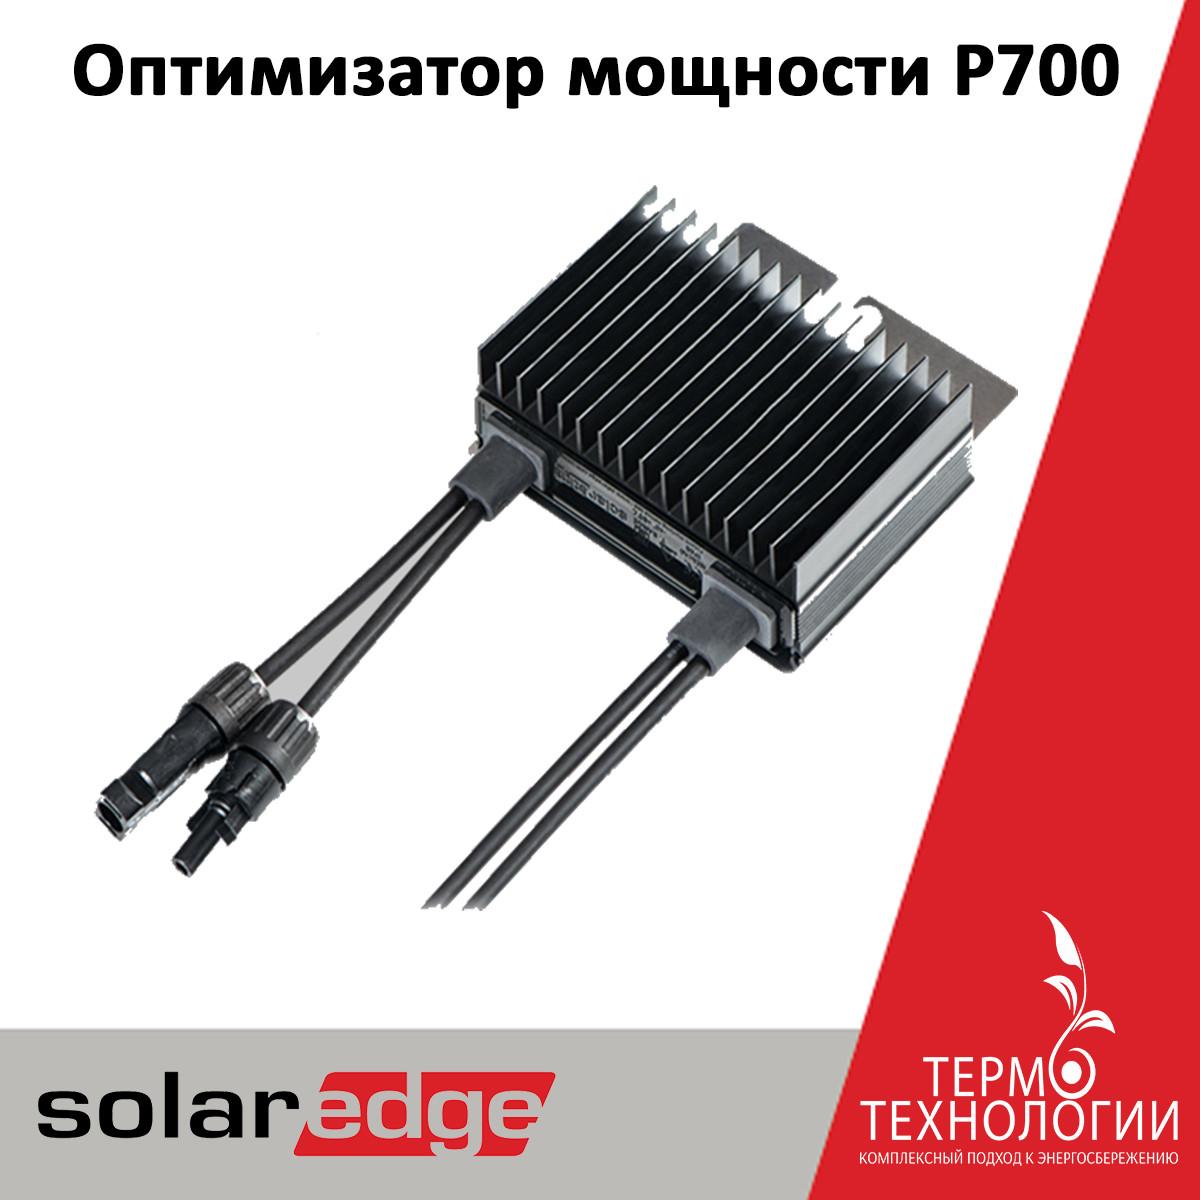 Оптимизатор мощности SolarAdge P700, для 2 ФЭМ по 60 элементов